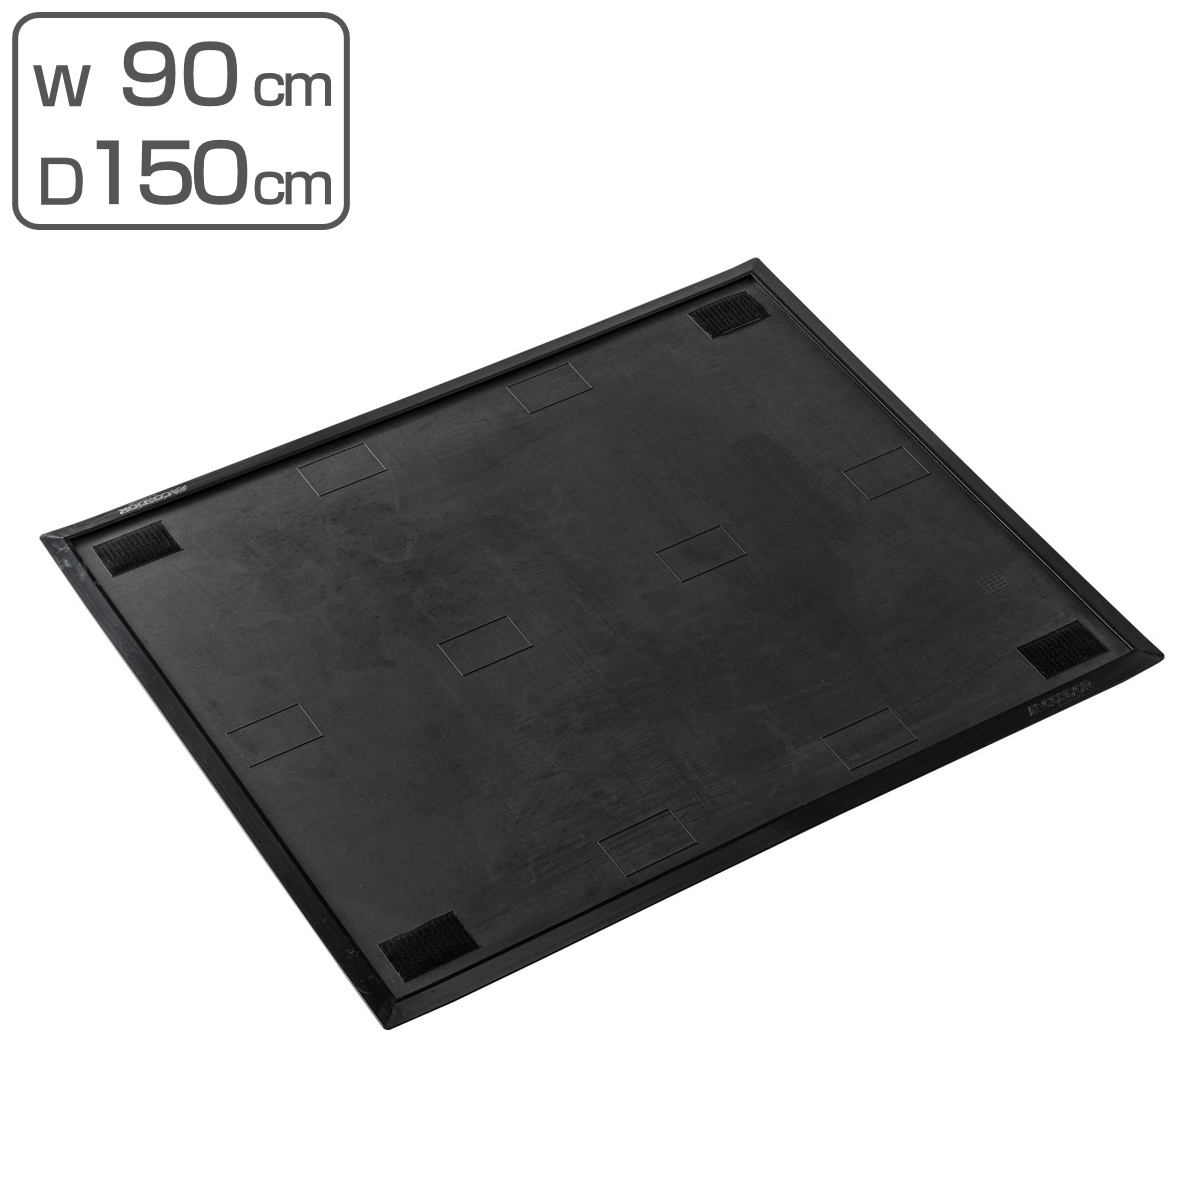 コンドル 吸油/粘着マット用ゴムマットベース 900×1500 マジッククロス付 (山崎産業 送料無料 )